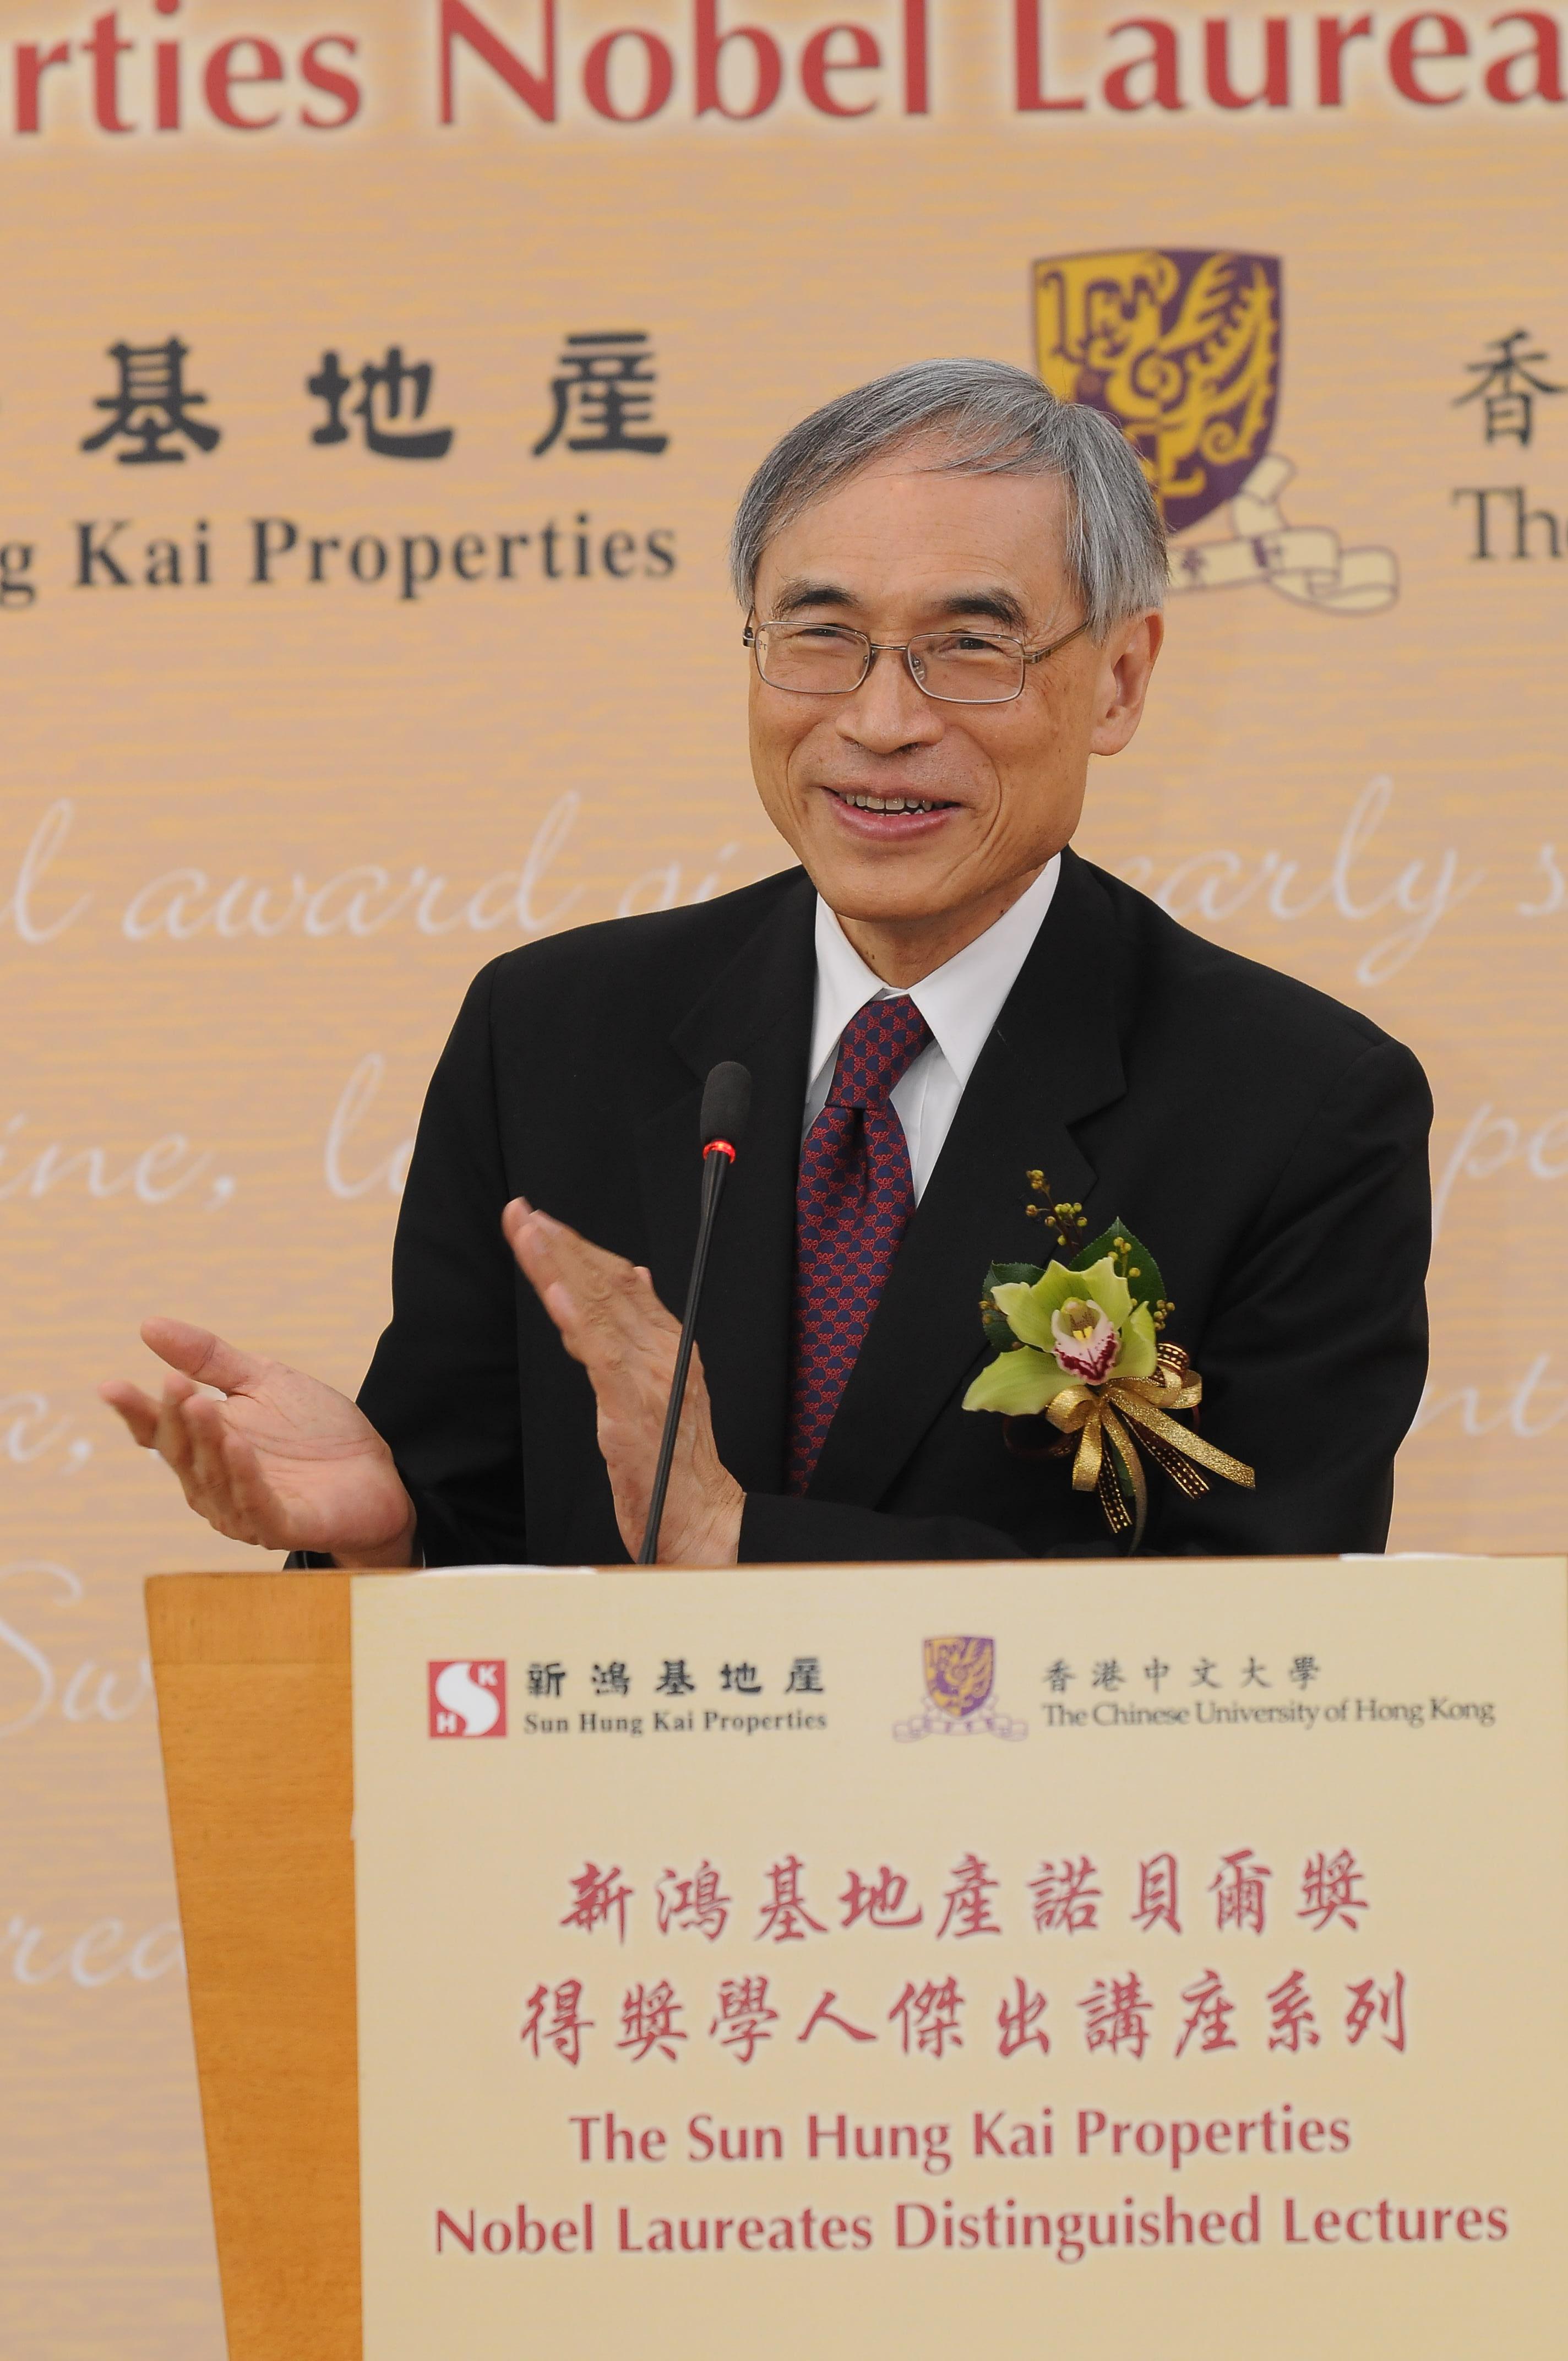 中大校长刘遵义教授于庆祝会上致辞